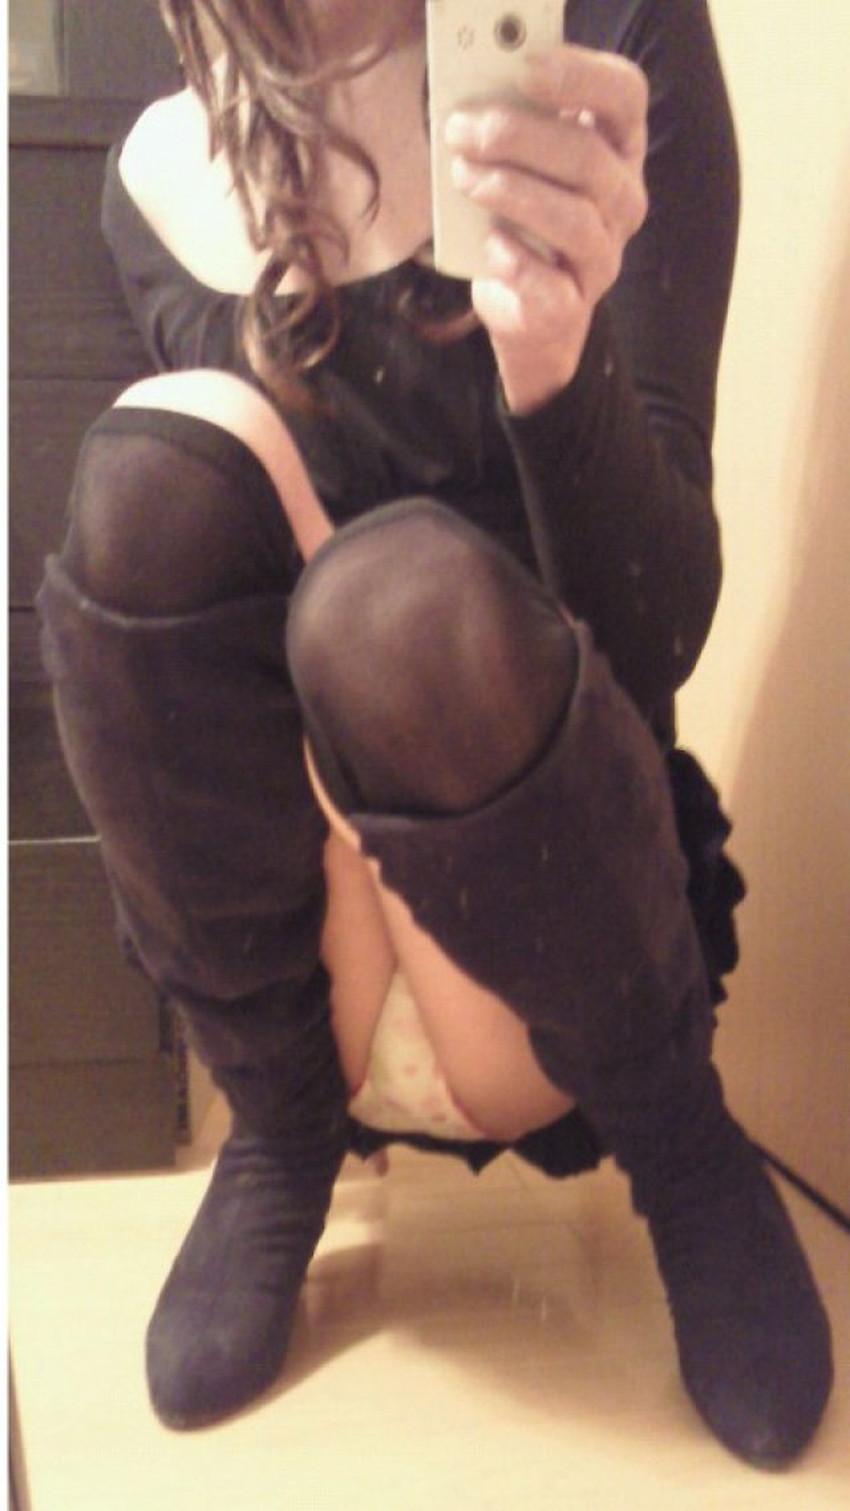 【パンチラ自撮りエロ画像】プチ露出狂の素人女子がパンチラを自撮りしてSNSで公開してるパンチラ自撮りのエロ画像集!ww【80枚】 54